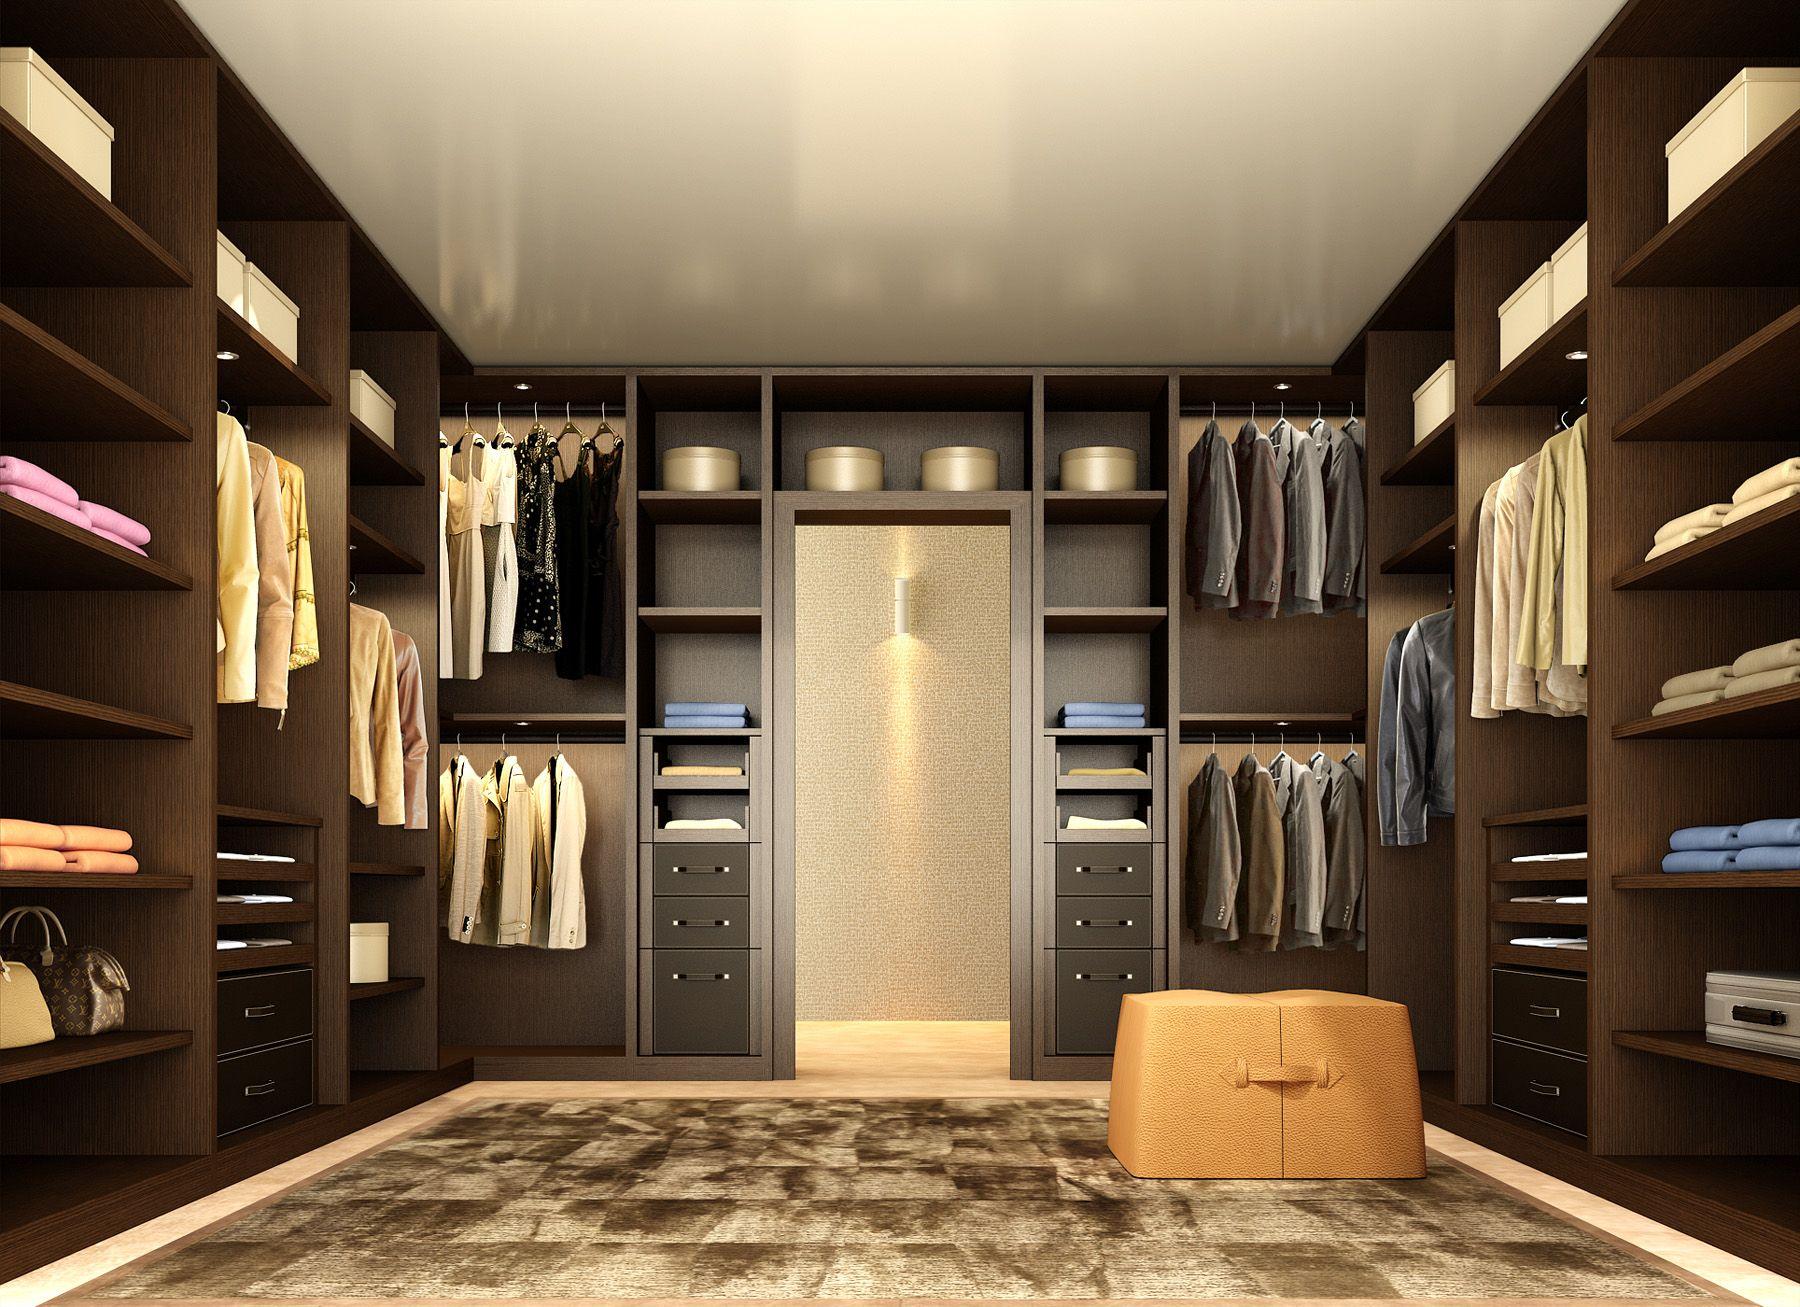 Ankleidezimmer Englisch ~ Walk in closet atlante in dark walnut with dark brown hard leather